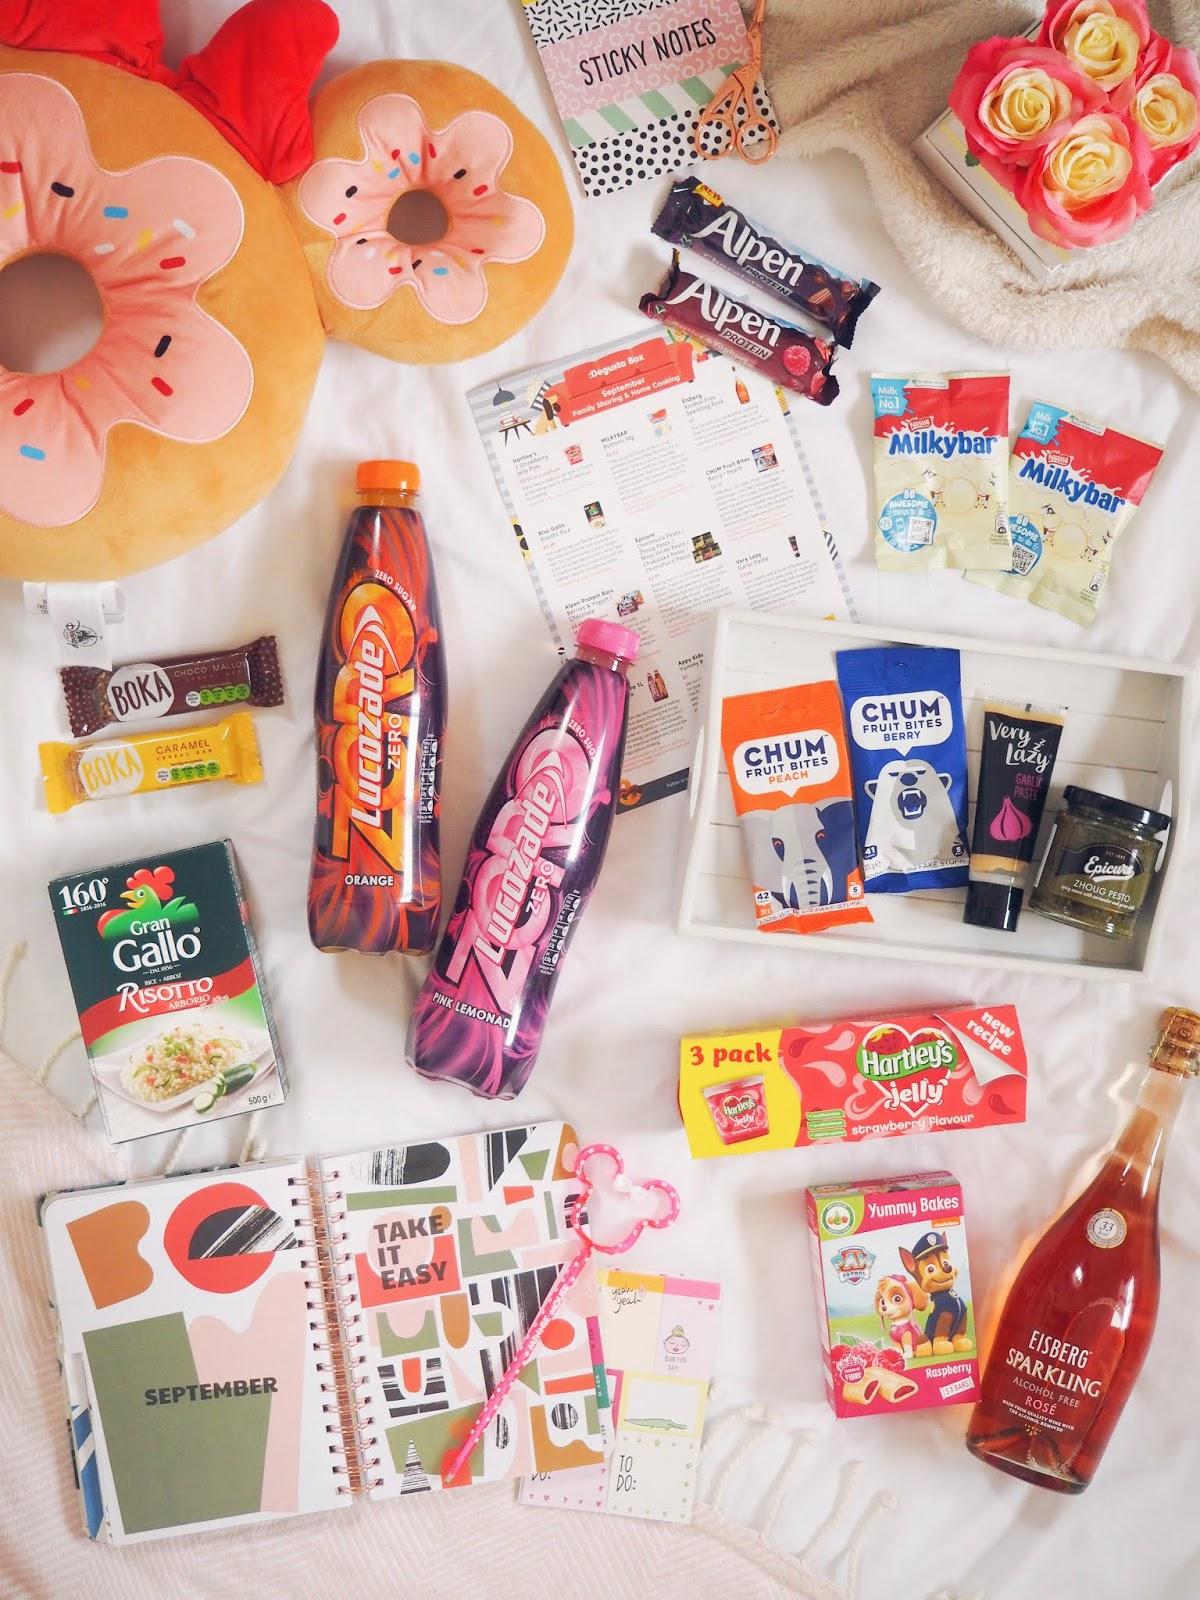 September Degusta Box: Family Sharing & Home Cooking